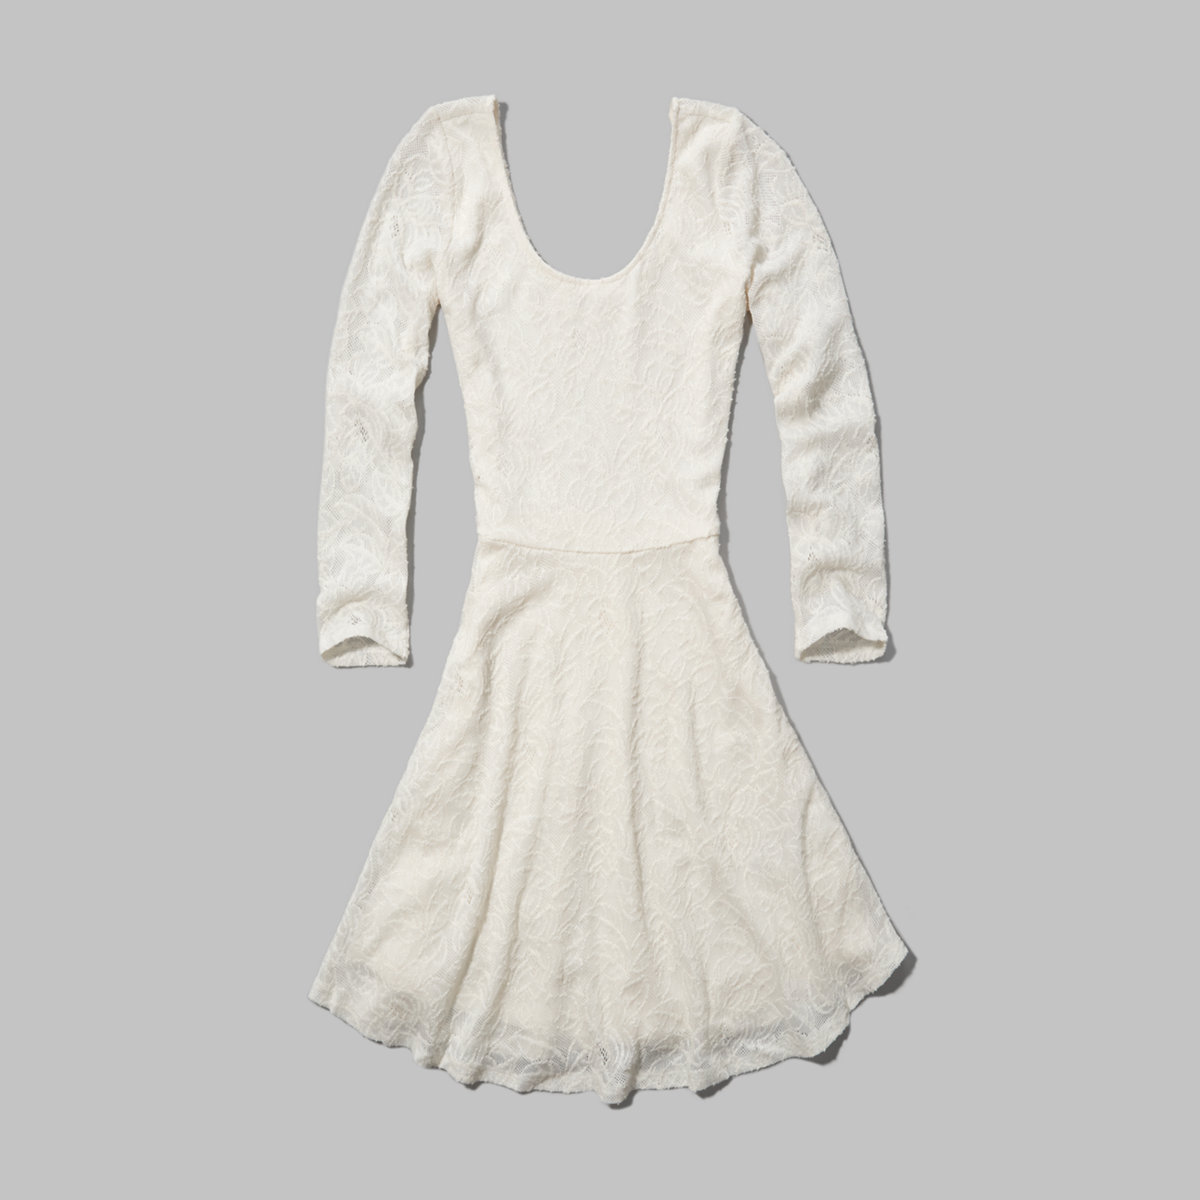 Brieann Lace Skater Dress